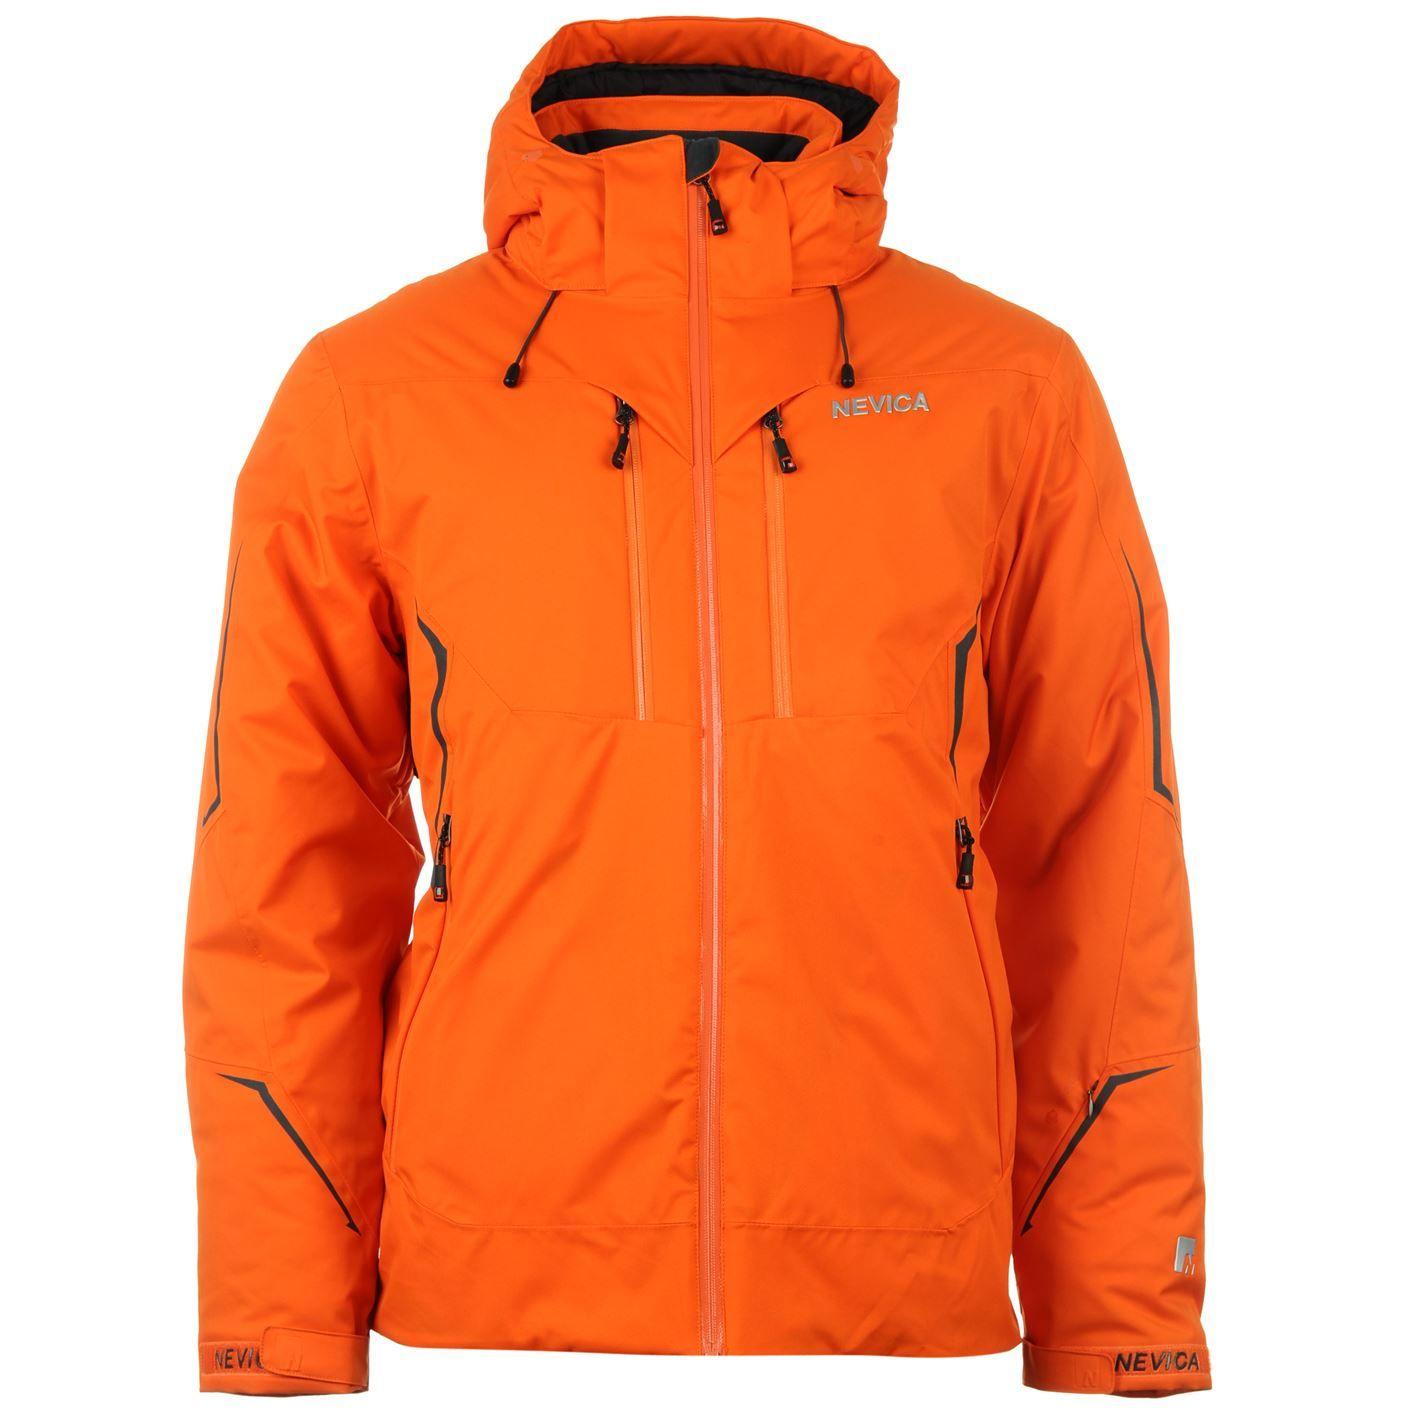 Nevica Nevica Vail Ski Jacket Mens Ski Jackets Ski